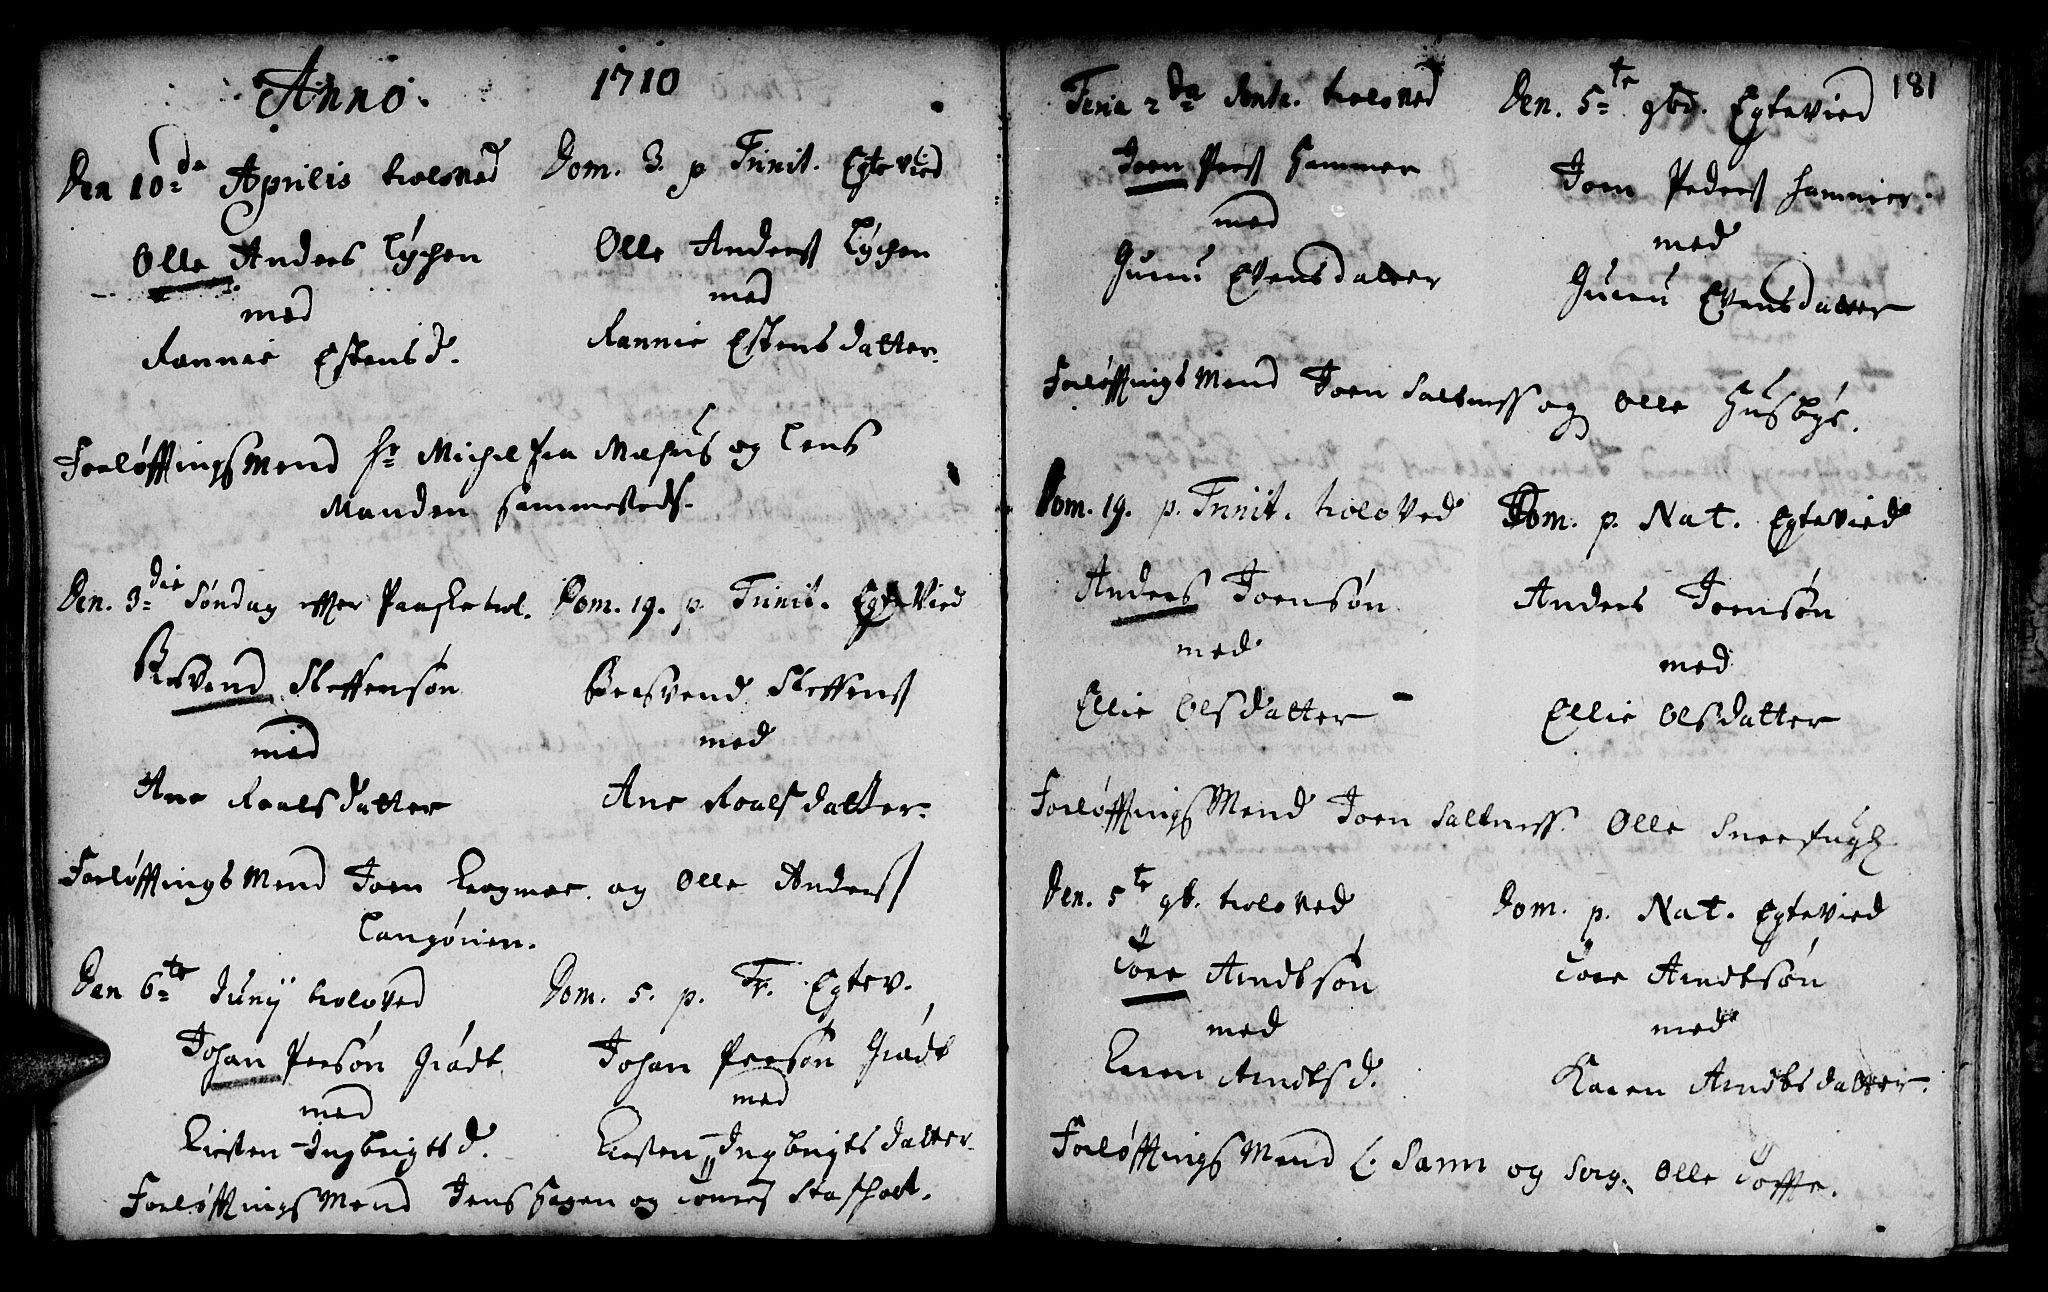 SAT, Ministerialprotokoller, klokkerbøker og fødselsregistre - Sør-Trøndelag, 666/L0783: Ministerialbok nr. 666A01, 1702-1753, s. 181